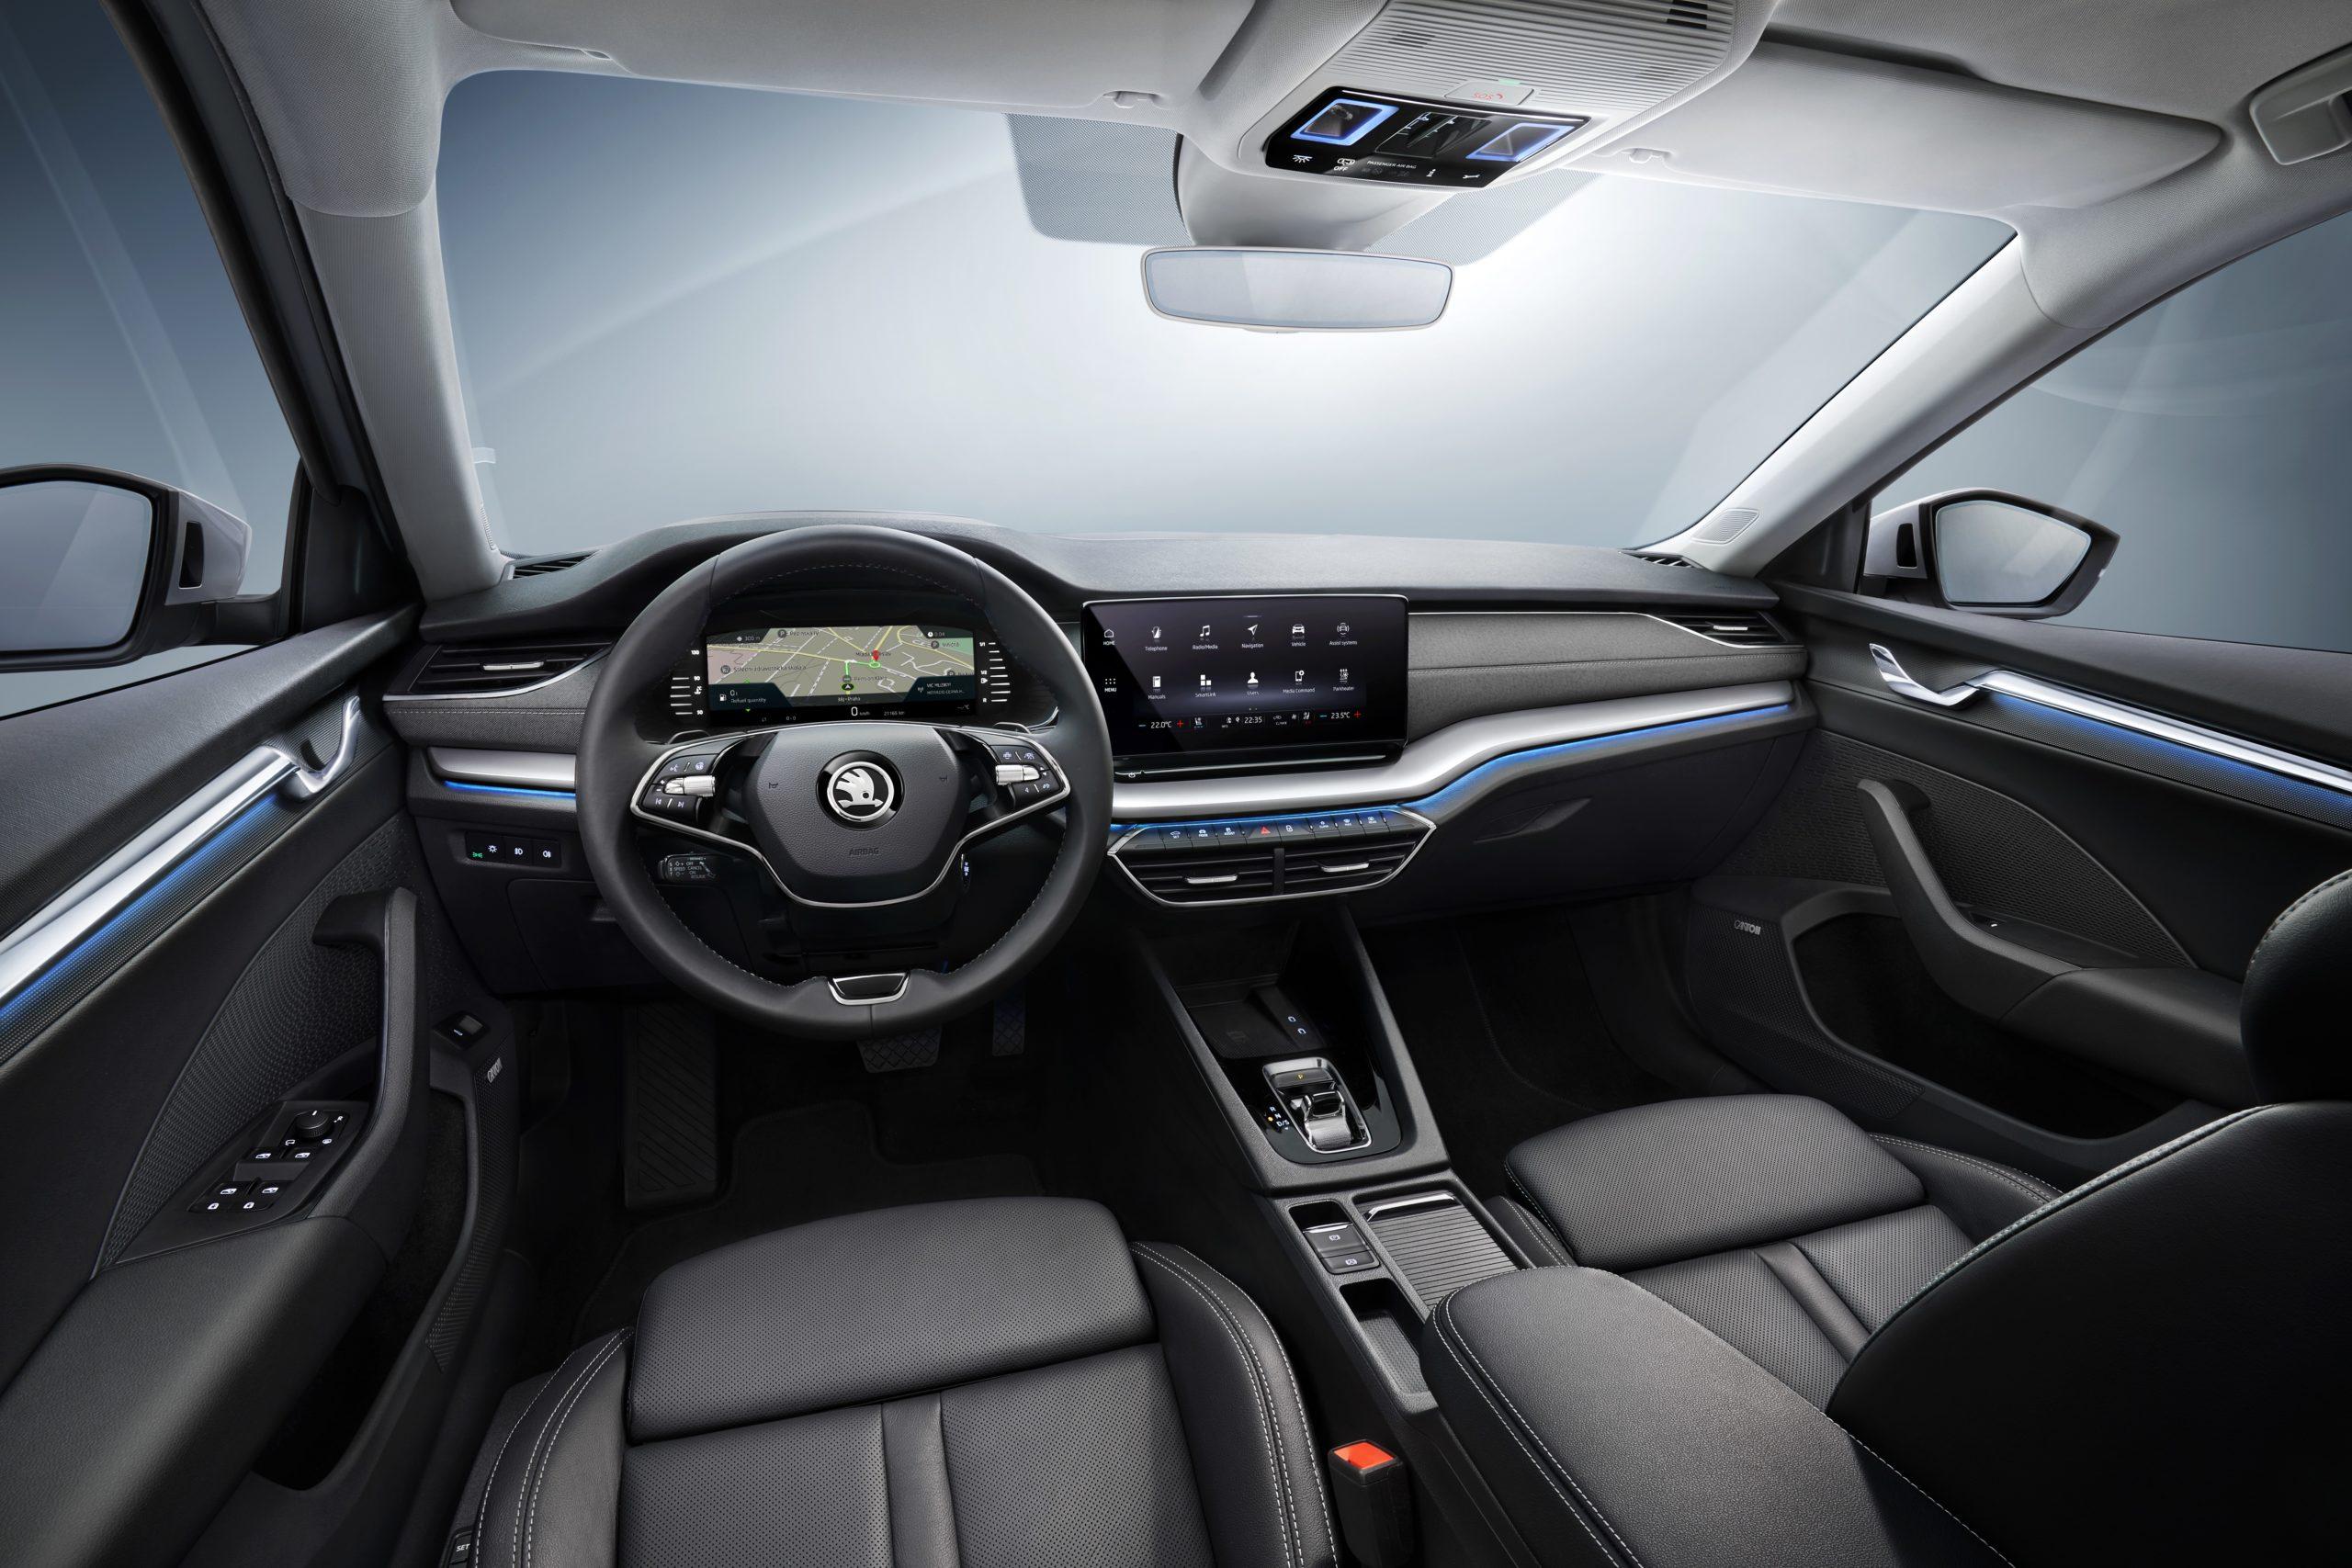 Nuova ŠKODA OCTAVIA berlina: spaziosa, pratica ed elegante come un coupé 2